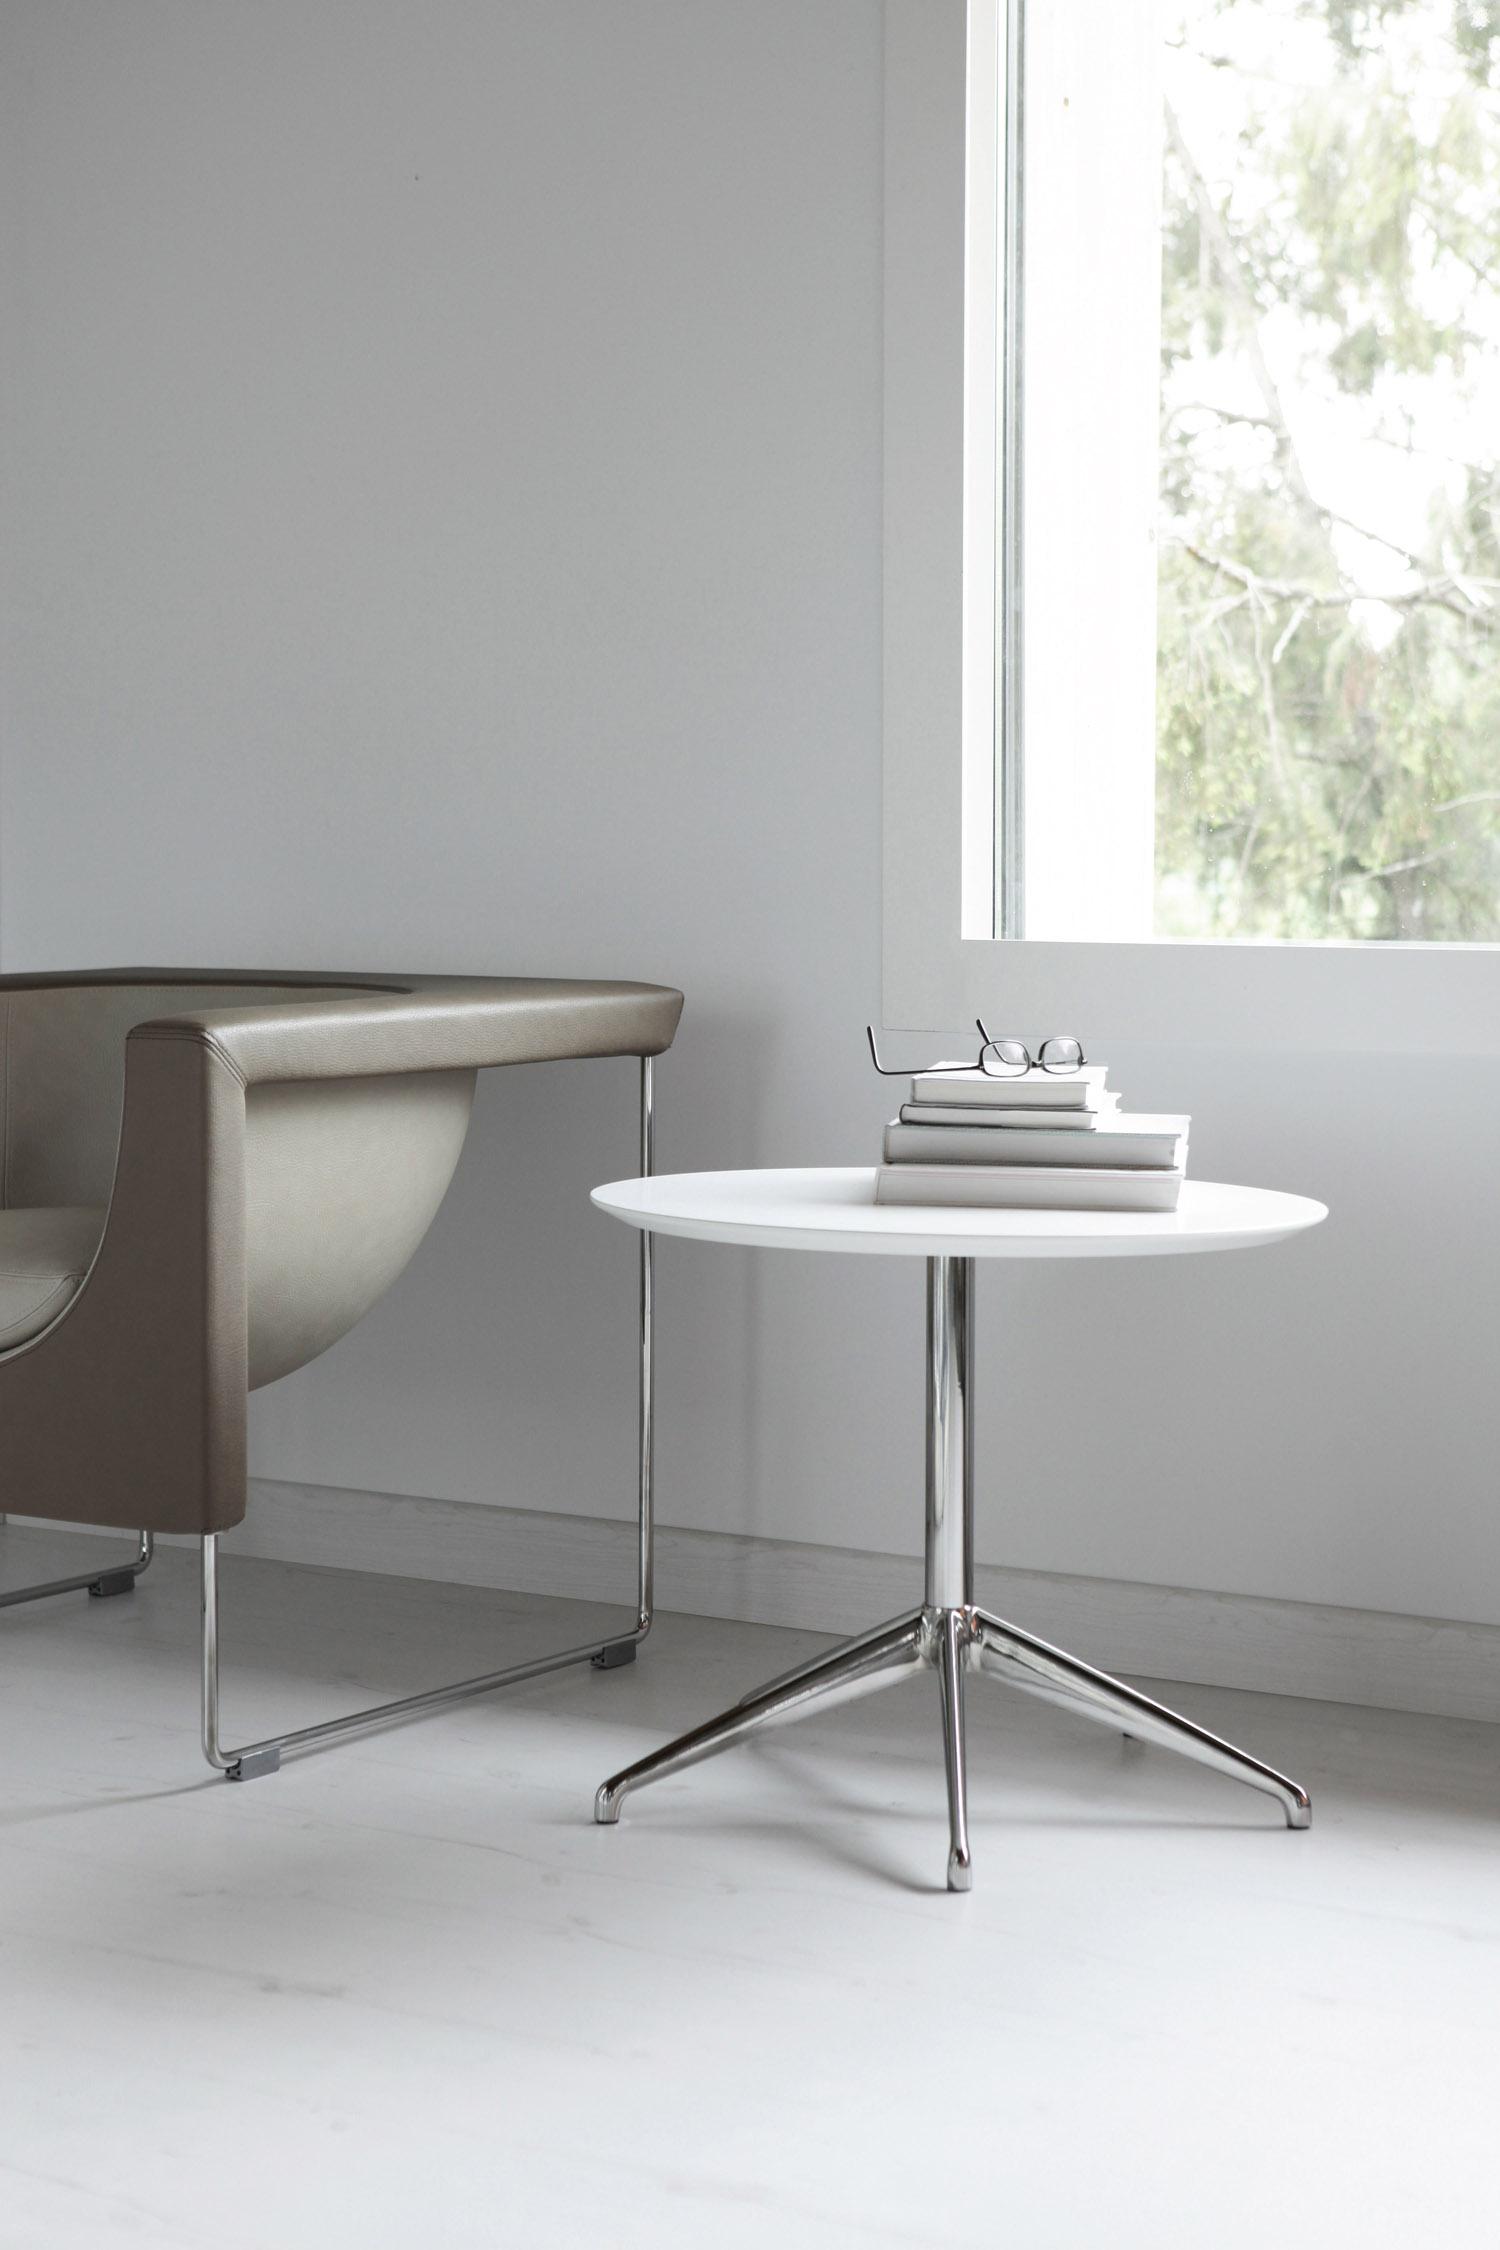 Stua - Marea kávézóasztalok